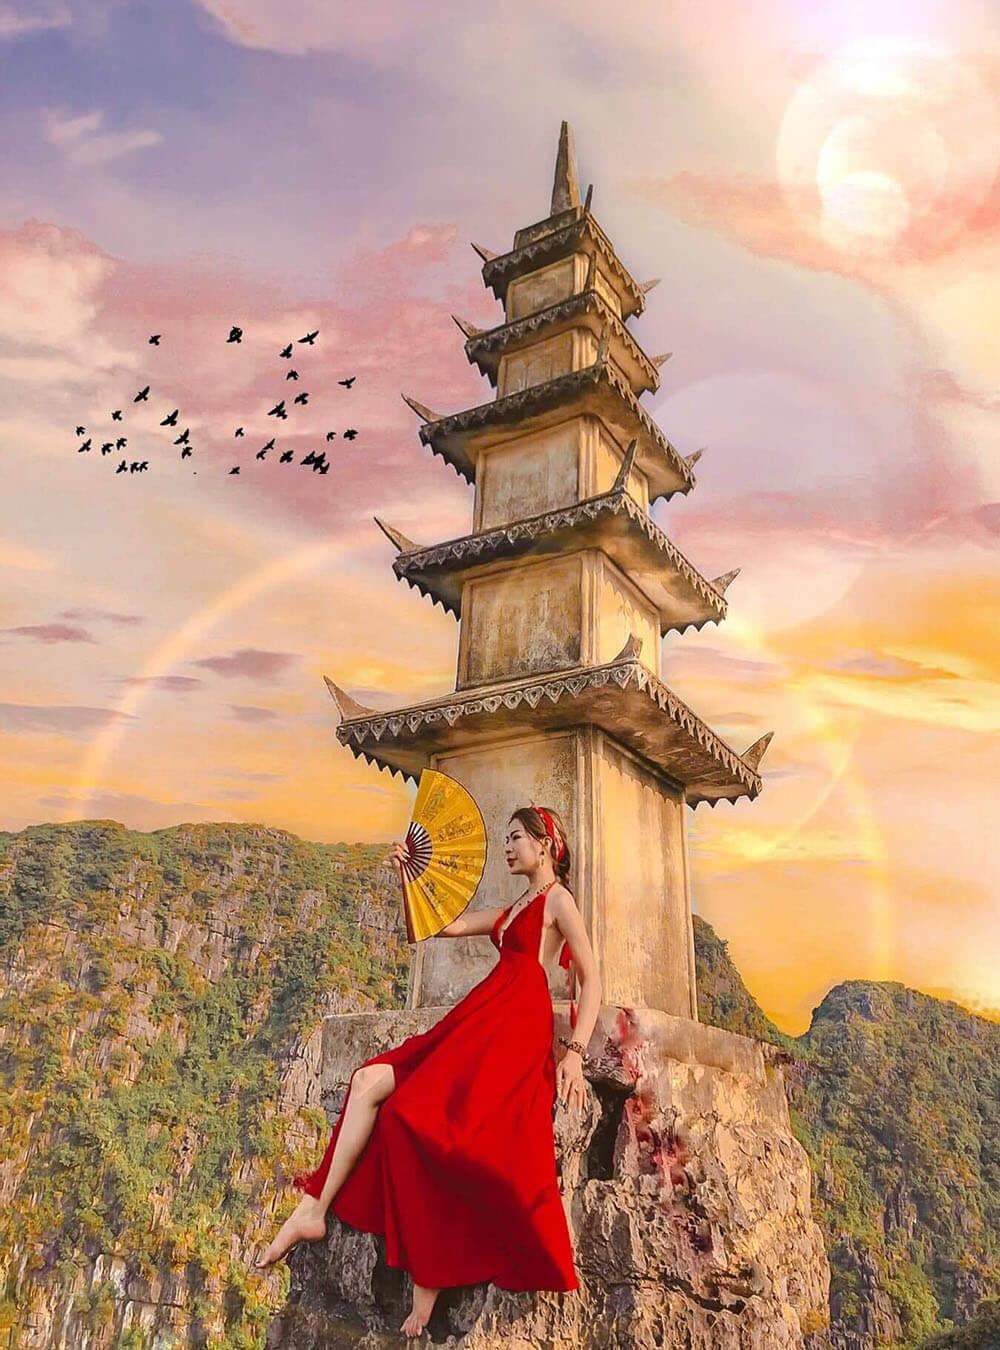 Hang Mua Ninh Binh Review Hue Da Nang Hoi An Ninh Binh 7n7d Chi Voi 8 Trieu Tin Duoc Khong 05